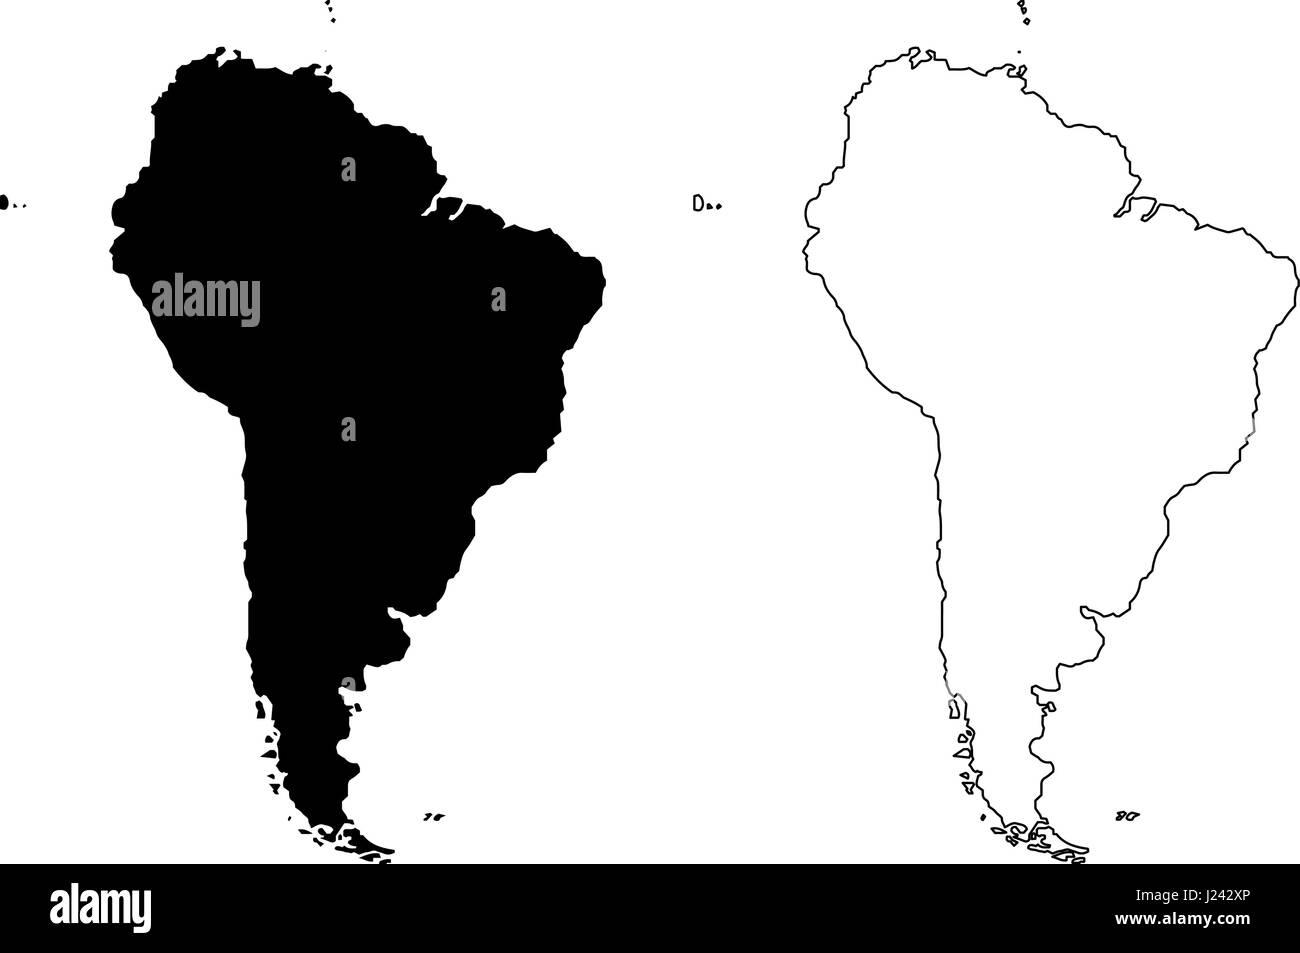 Latin America Map Vector Stock Photos Latin America Map Vector